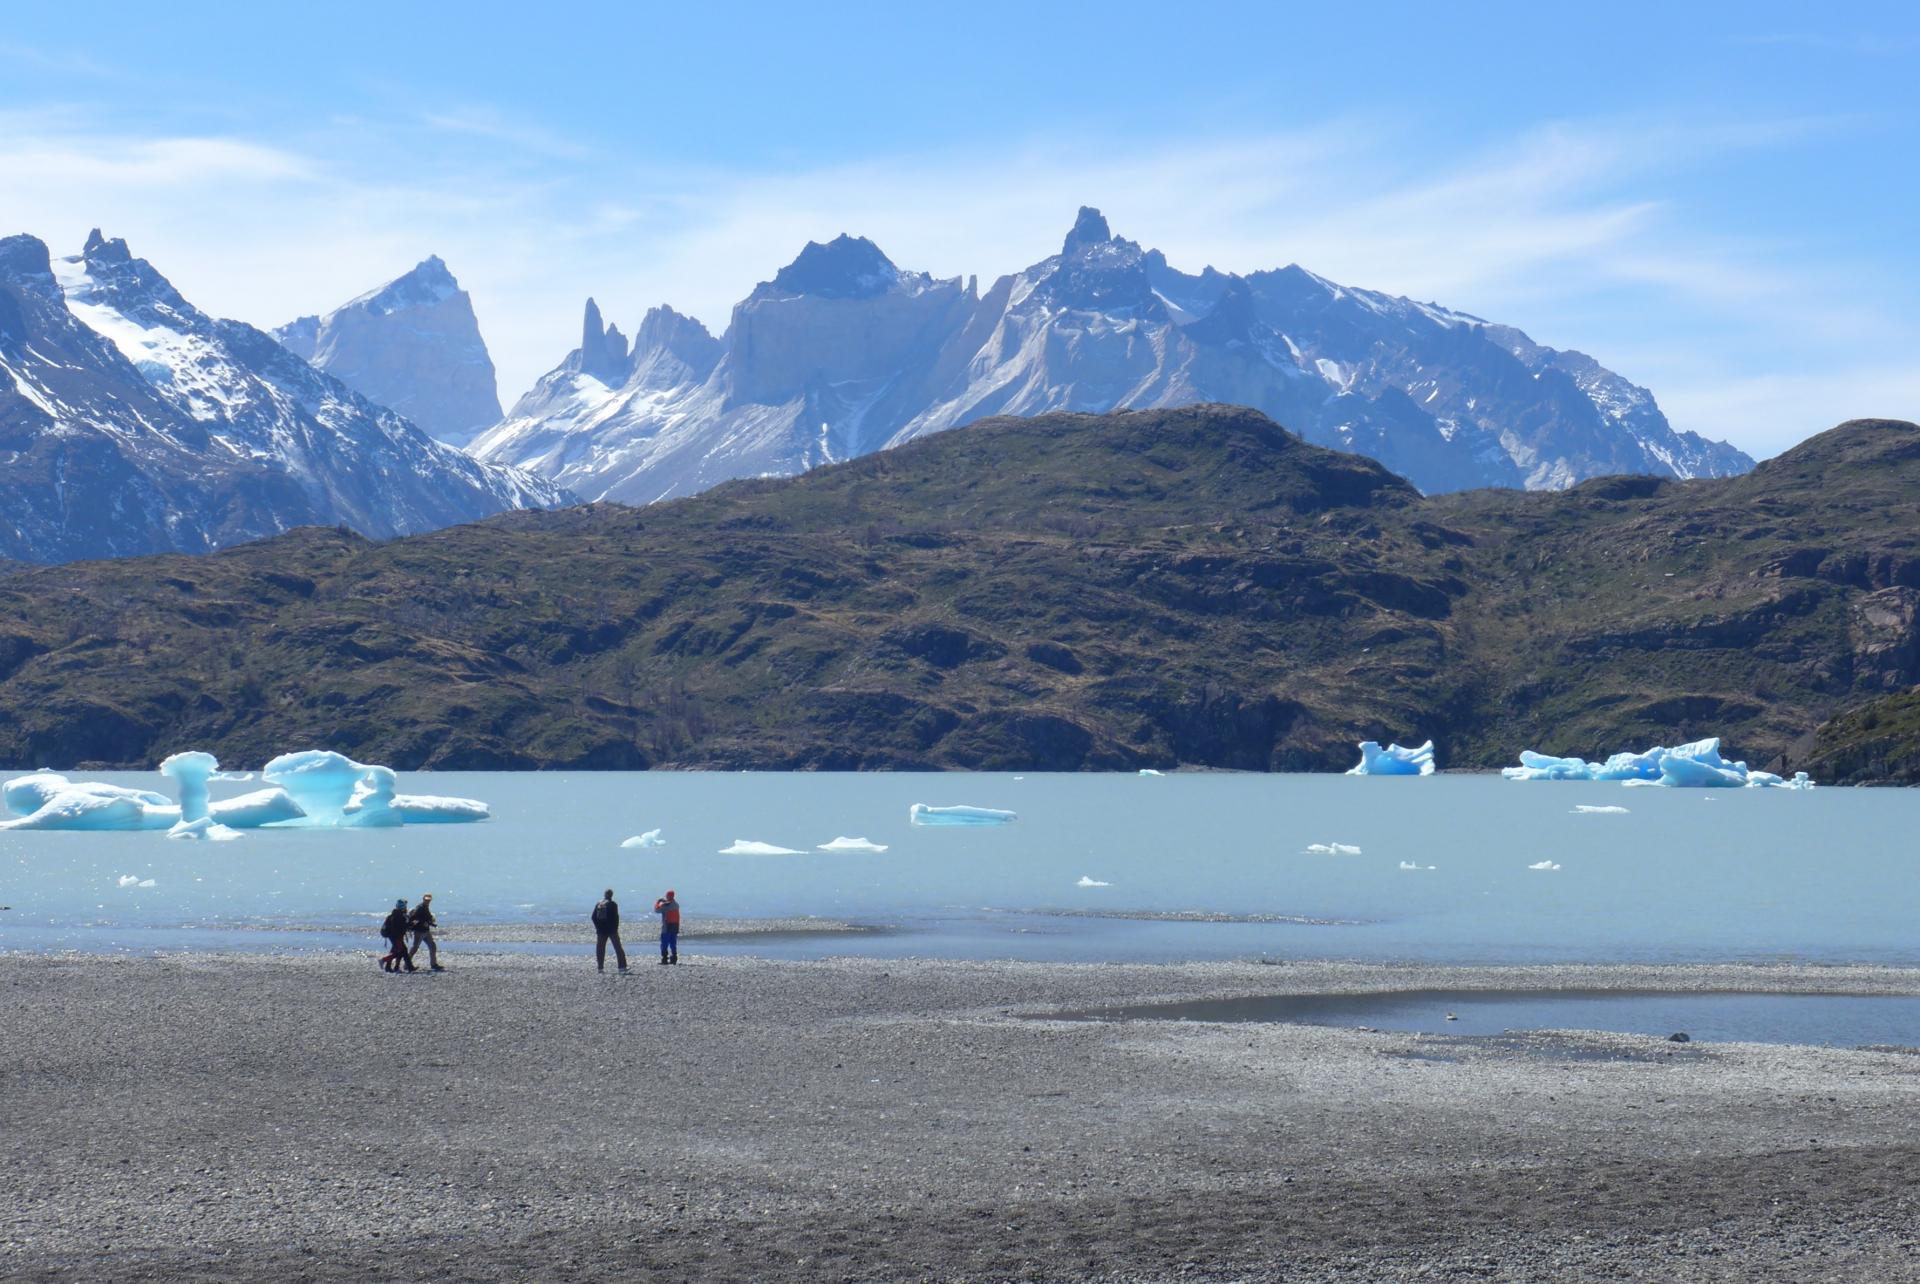 Erleben Sie den Lake Gray und den dazugehörigen Gletscher hautnah auf Ihrer Trekkingreise durch Patagonien